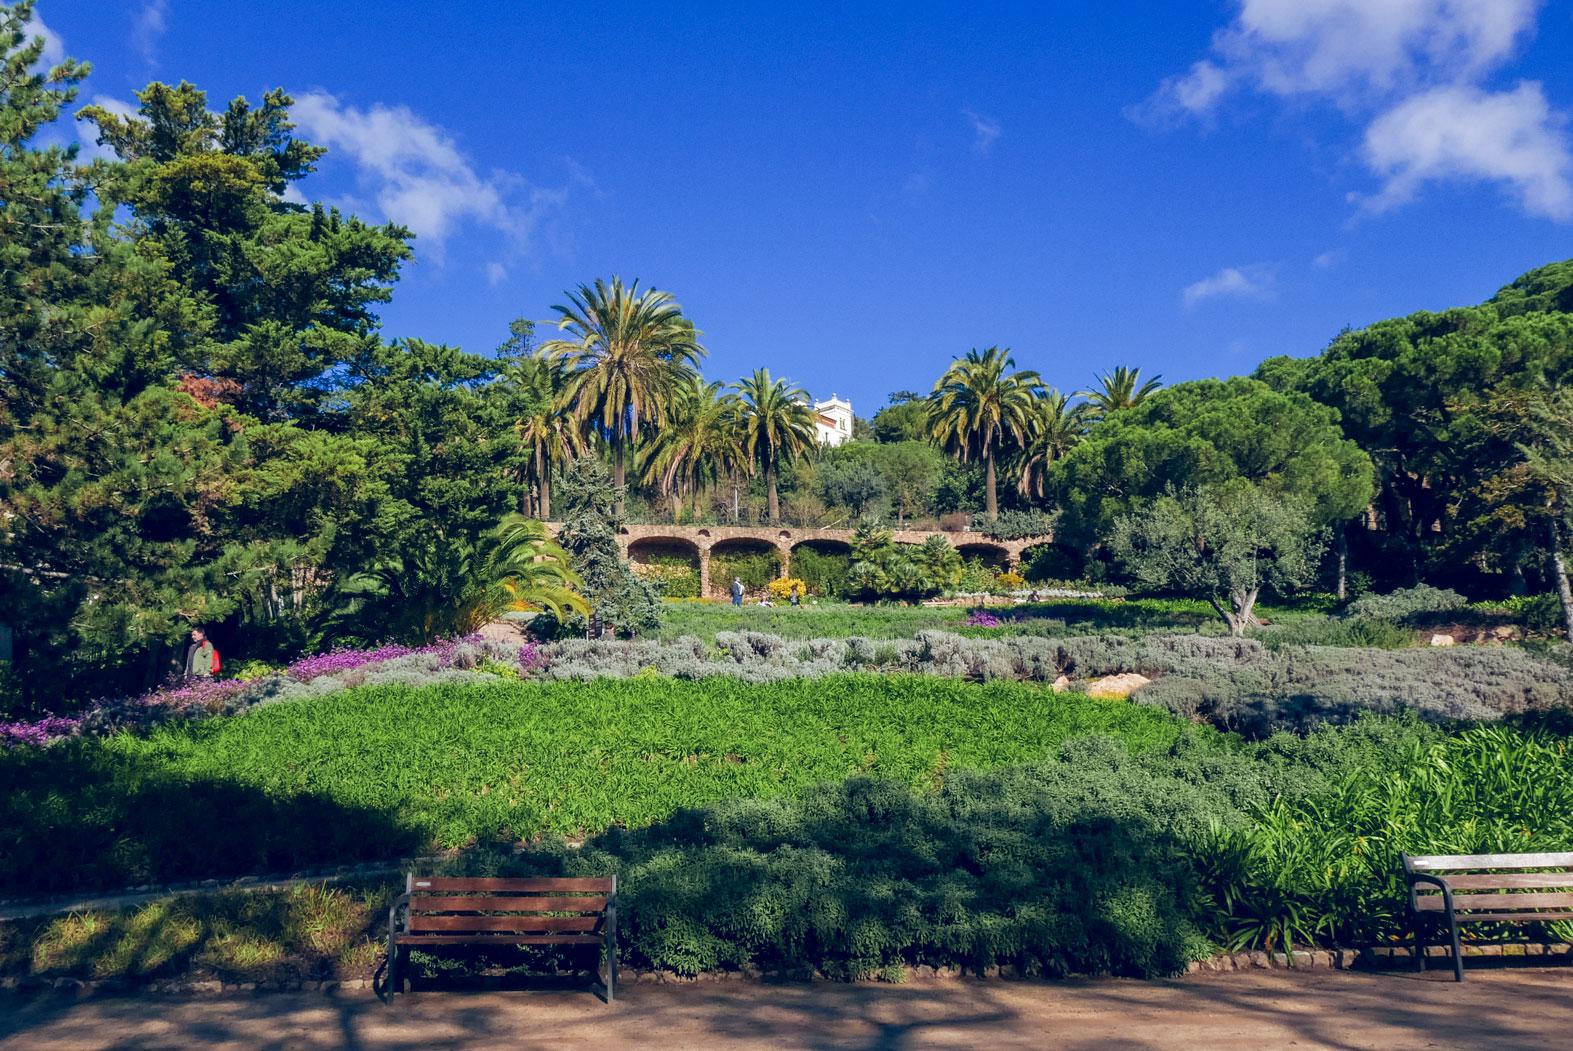 Spain Barcelona Parc Guell garden